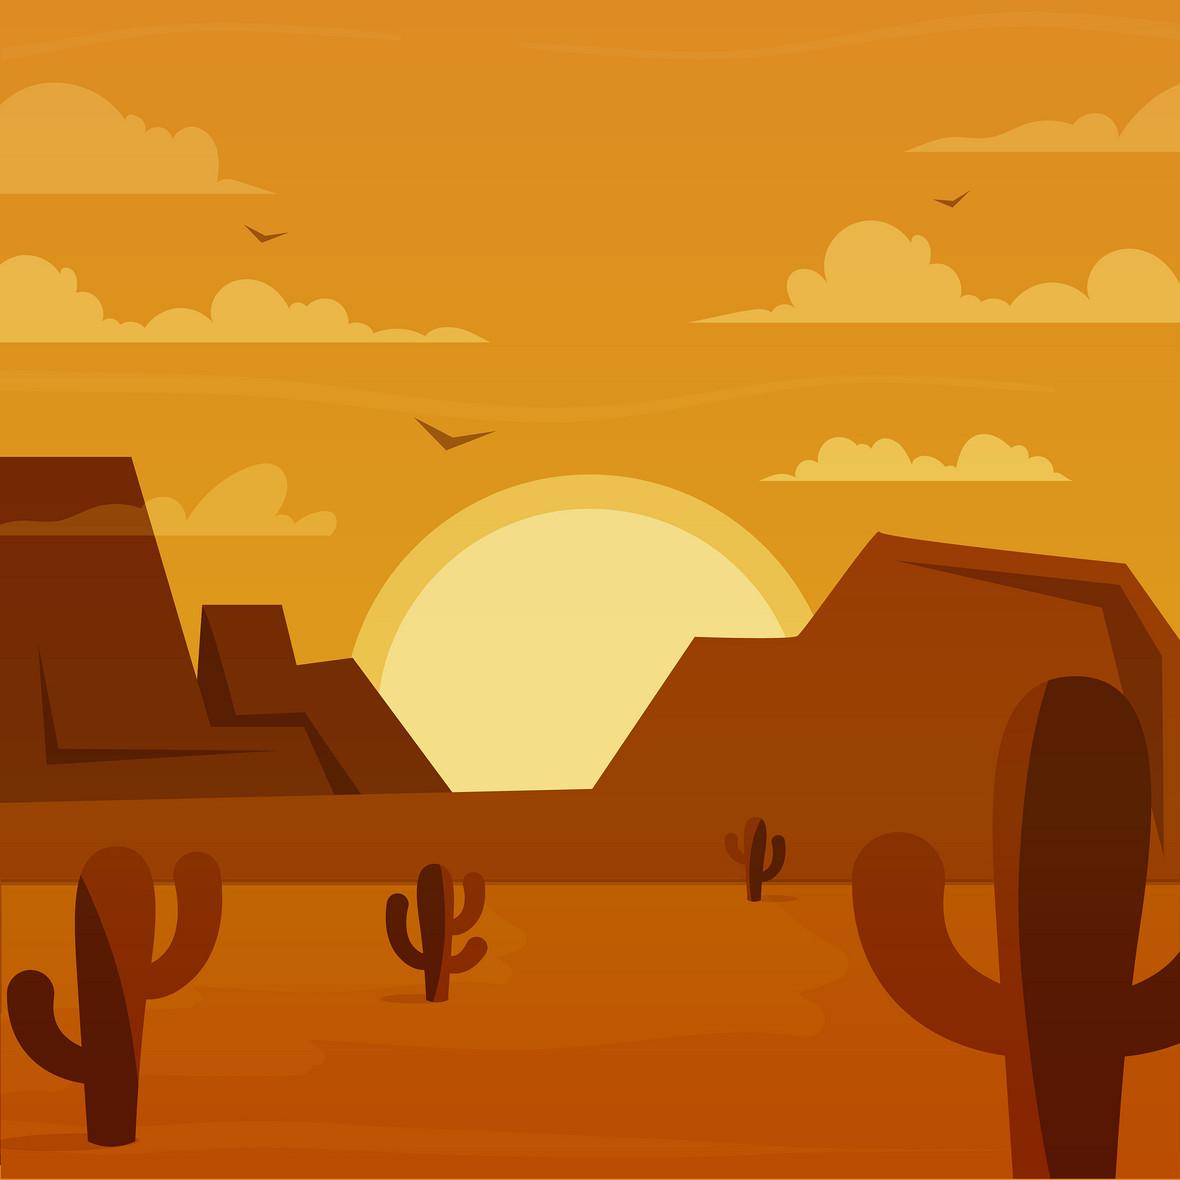 西部沙漠卡通夕阳背景素材